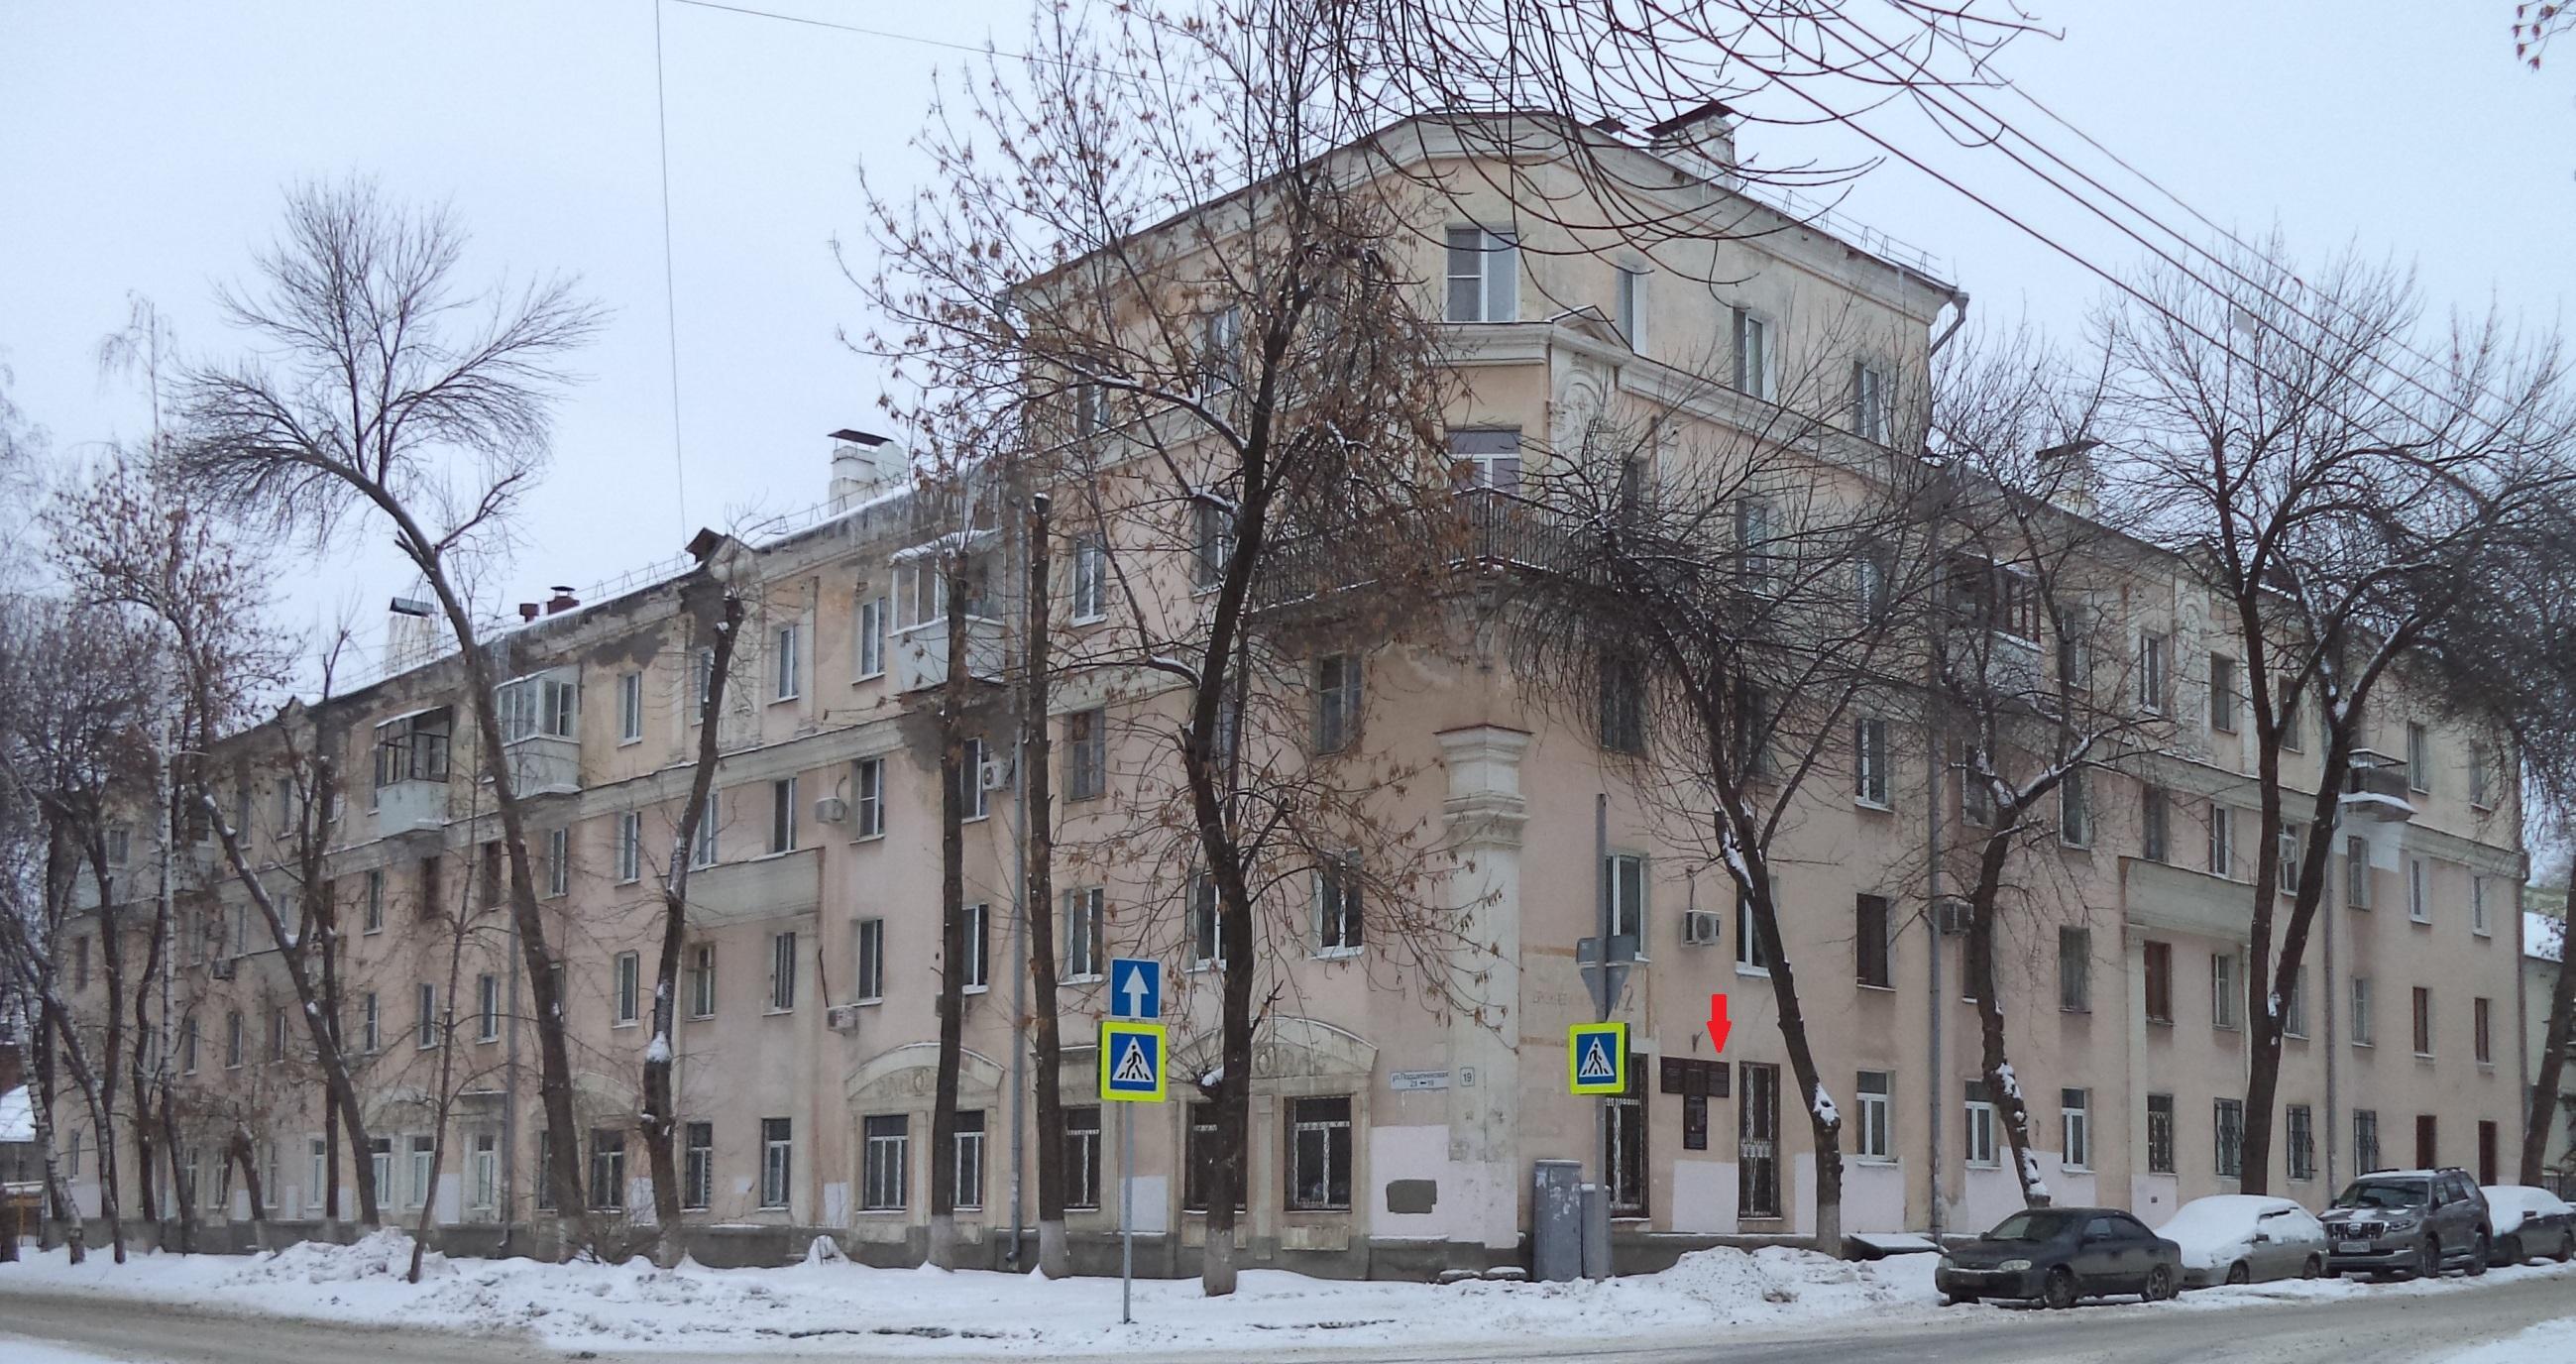 Подшипниковая-ФОТО-20-новое фото-дом № 19